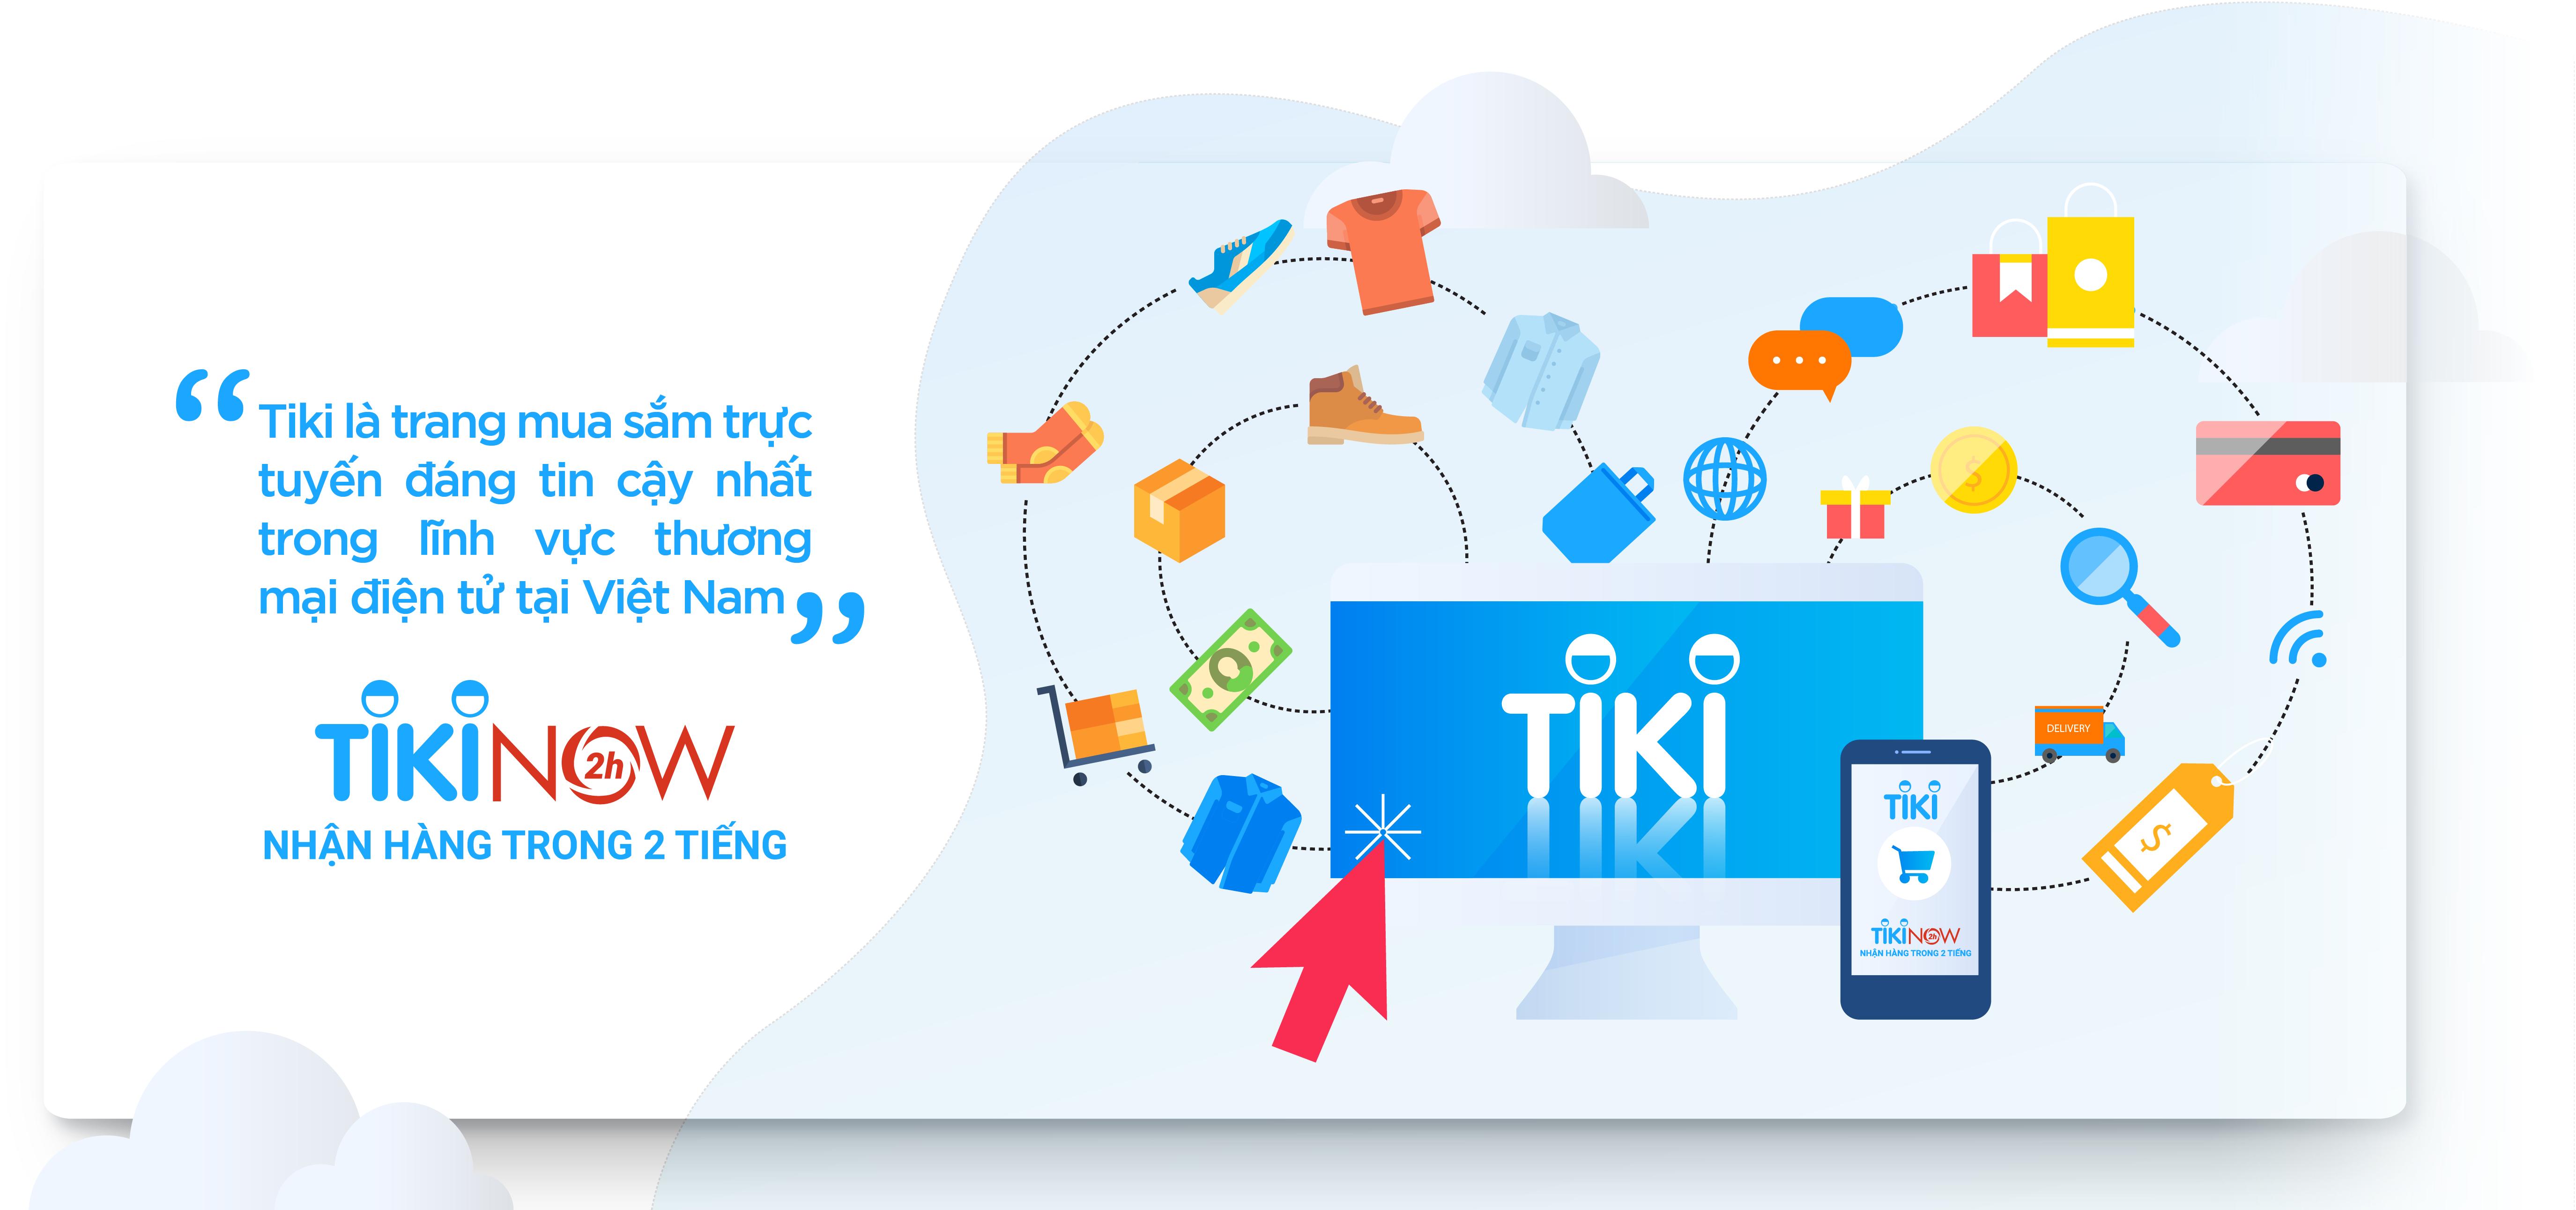 Nhận voucher Tiki với mức ưu đãi cực lớn tại Lanh Chanh